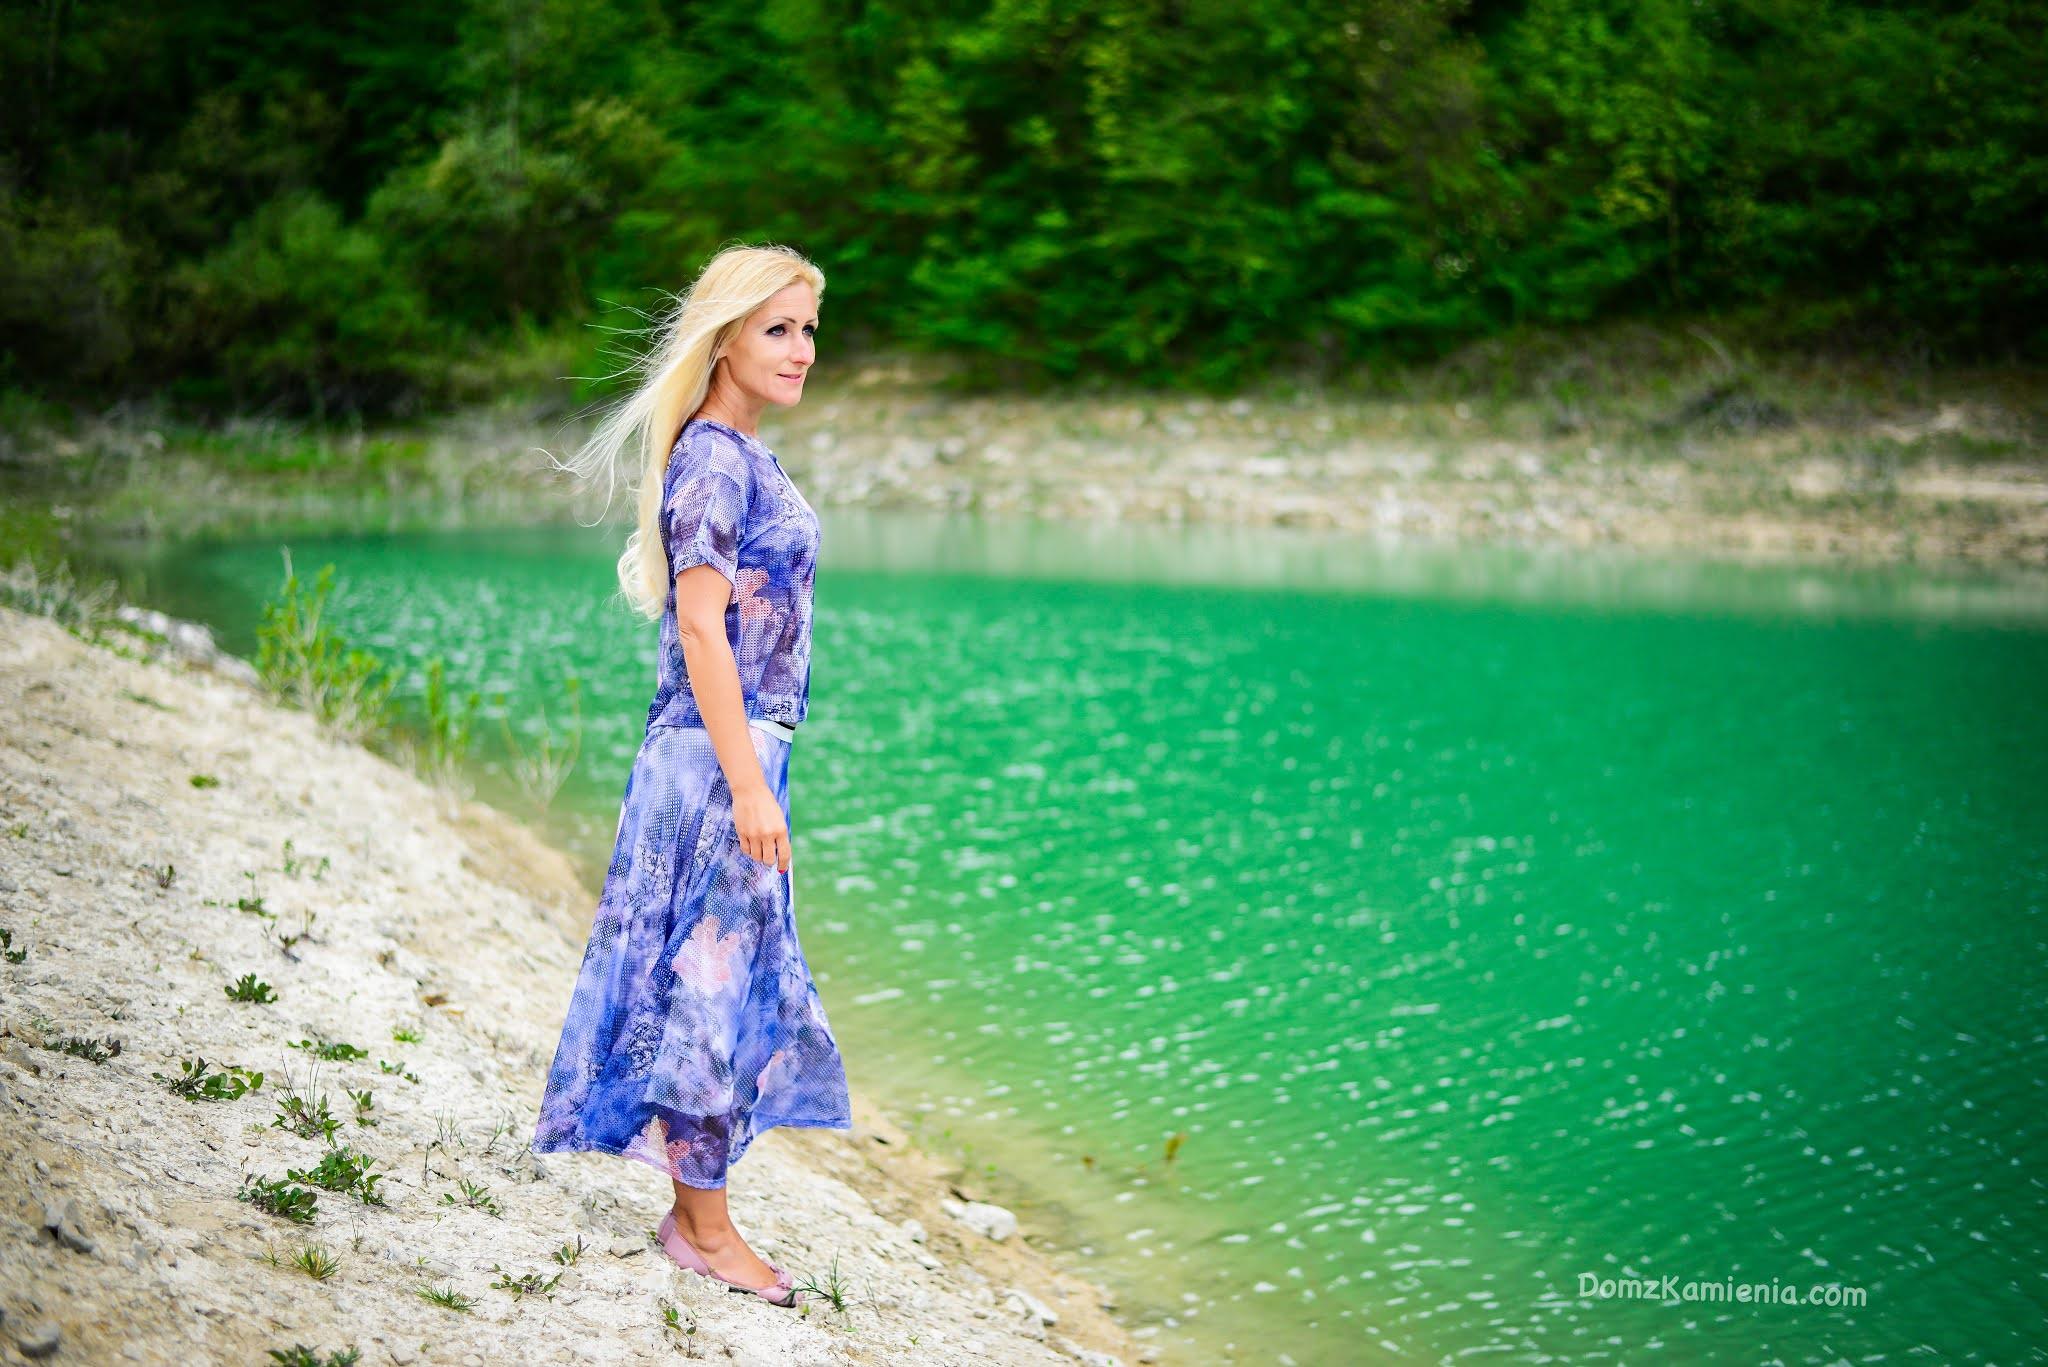 Kasia z Domu z Kamienia, lago di Bracanello